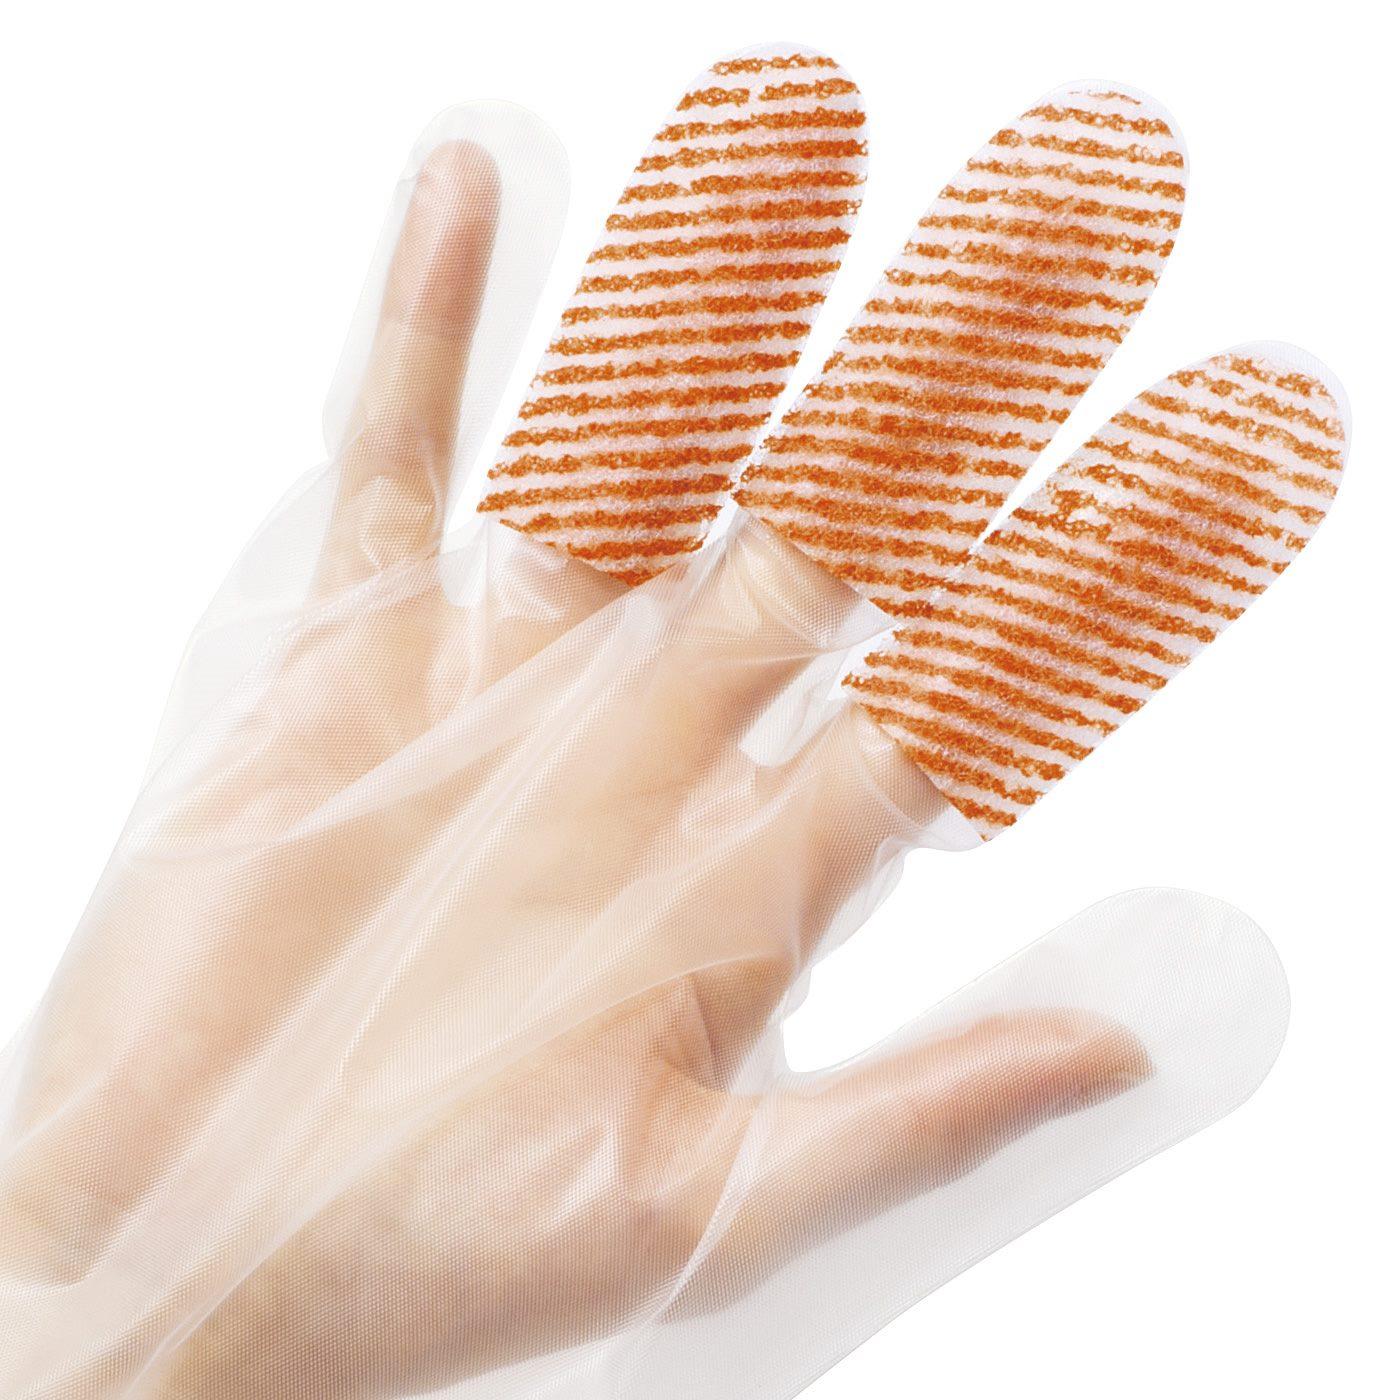 人差し指・中指・薬指に付いたスポンジで、汚れをかき取りさっぱり!